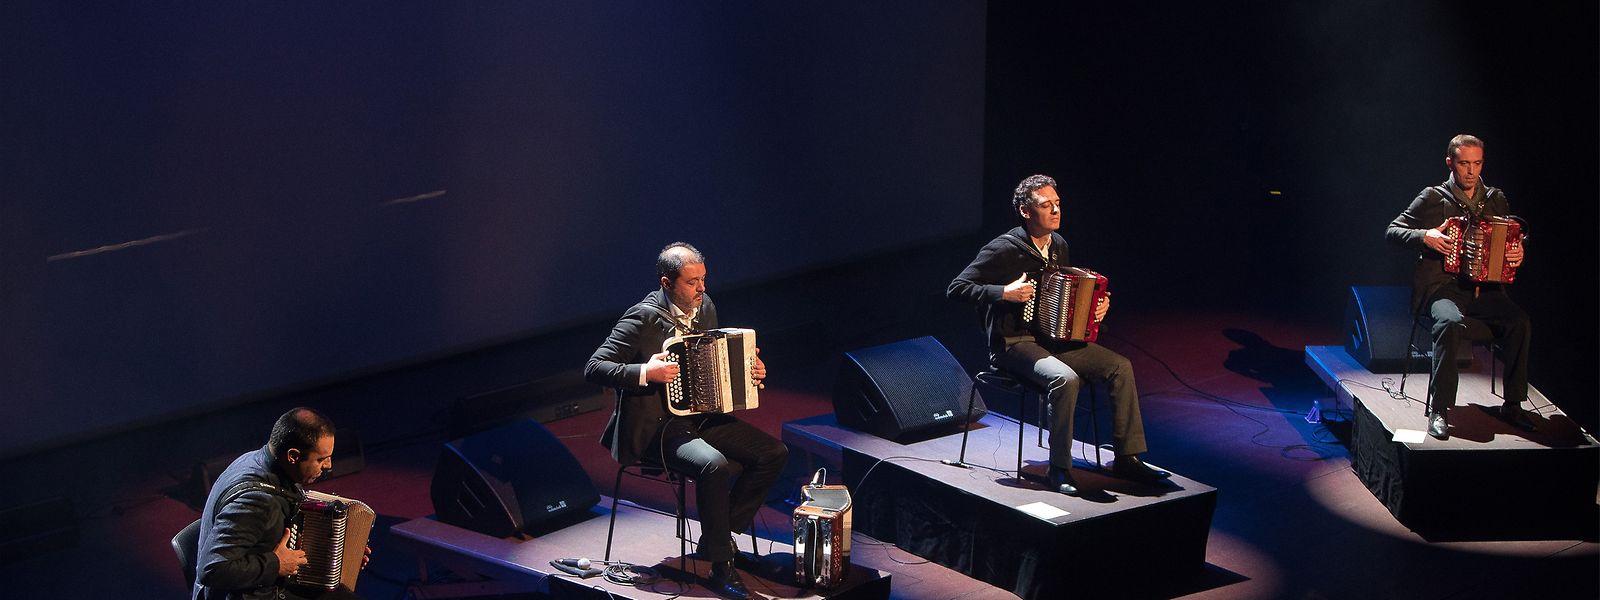 """Die Musiker des portugiesischen Quartetts """"Danças Ocultas"""" bieten rund 700 Besuchern eine etwas andere Mittagspause."""